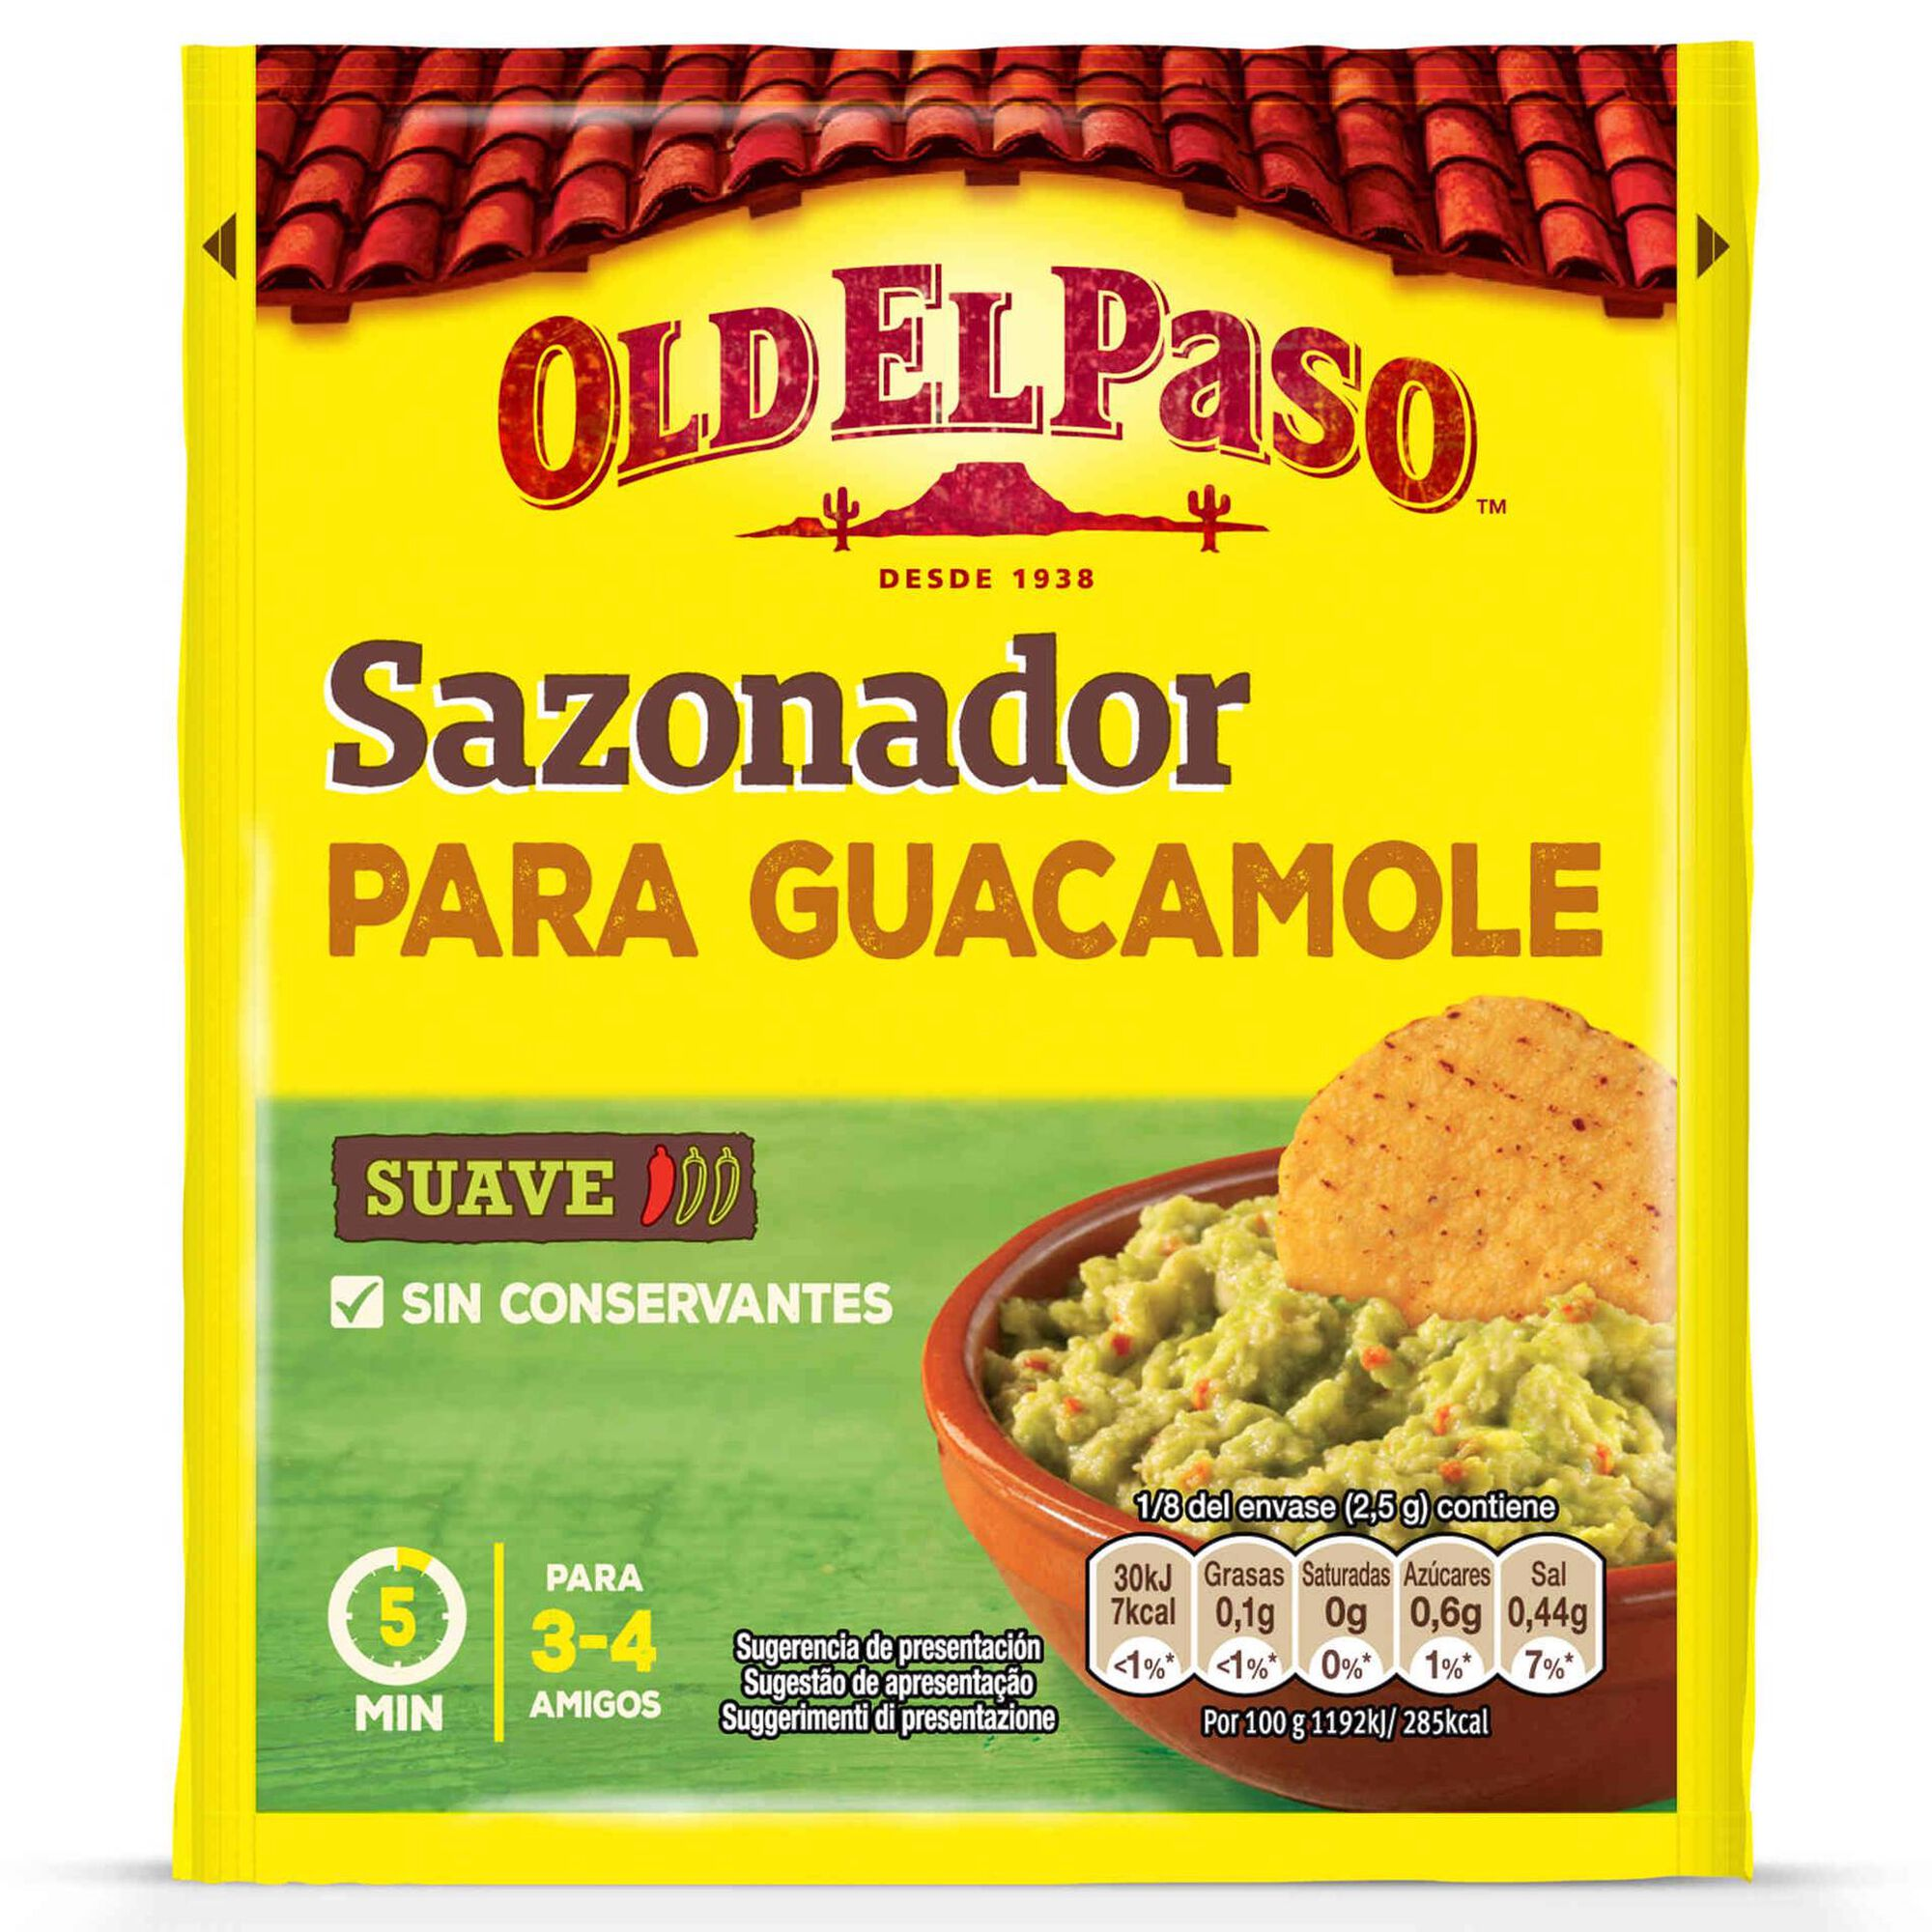 Mistura de Condimentos para Guacamole